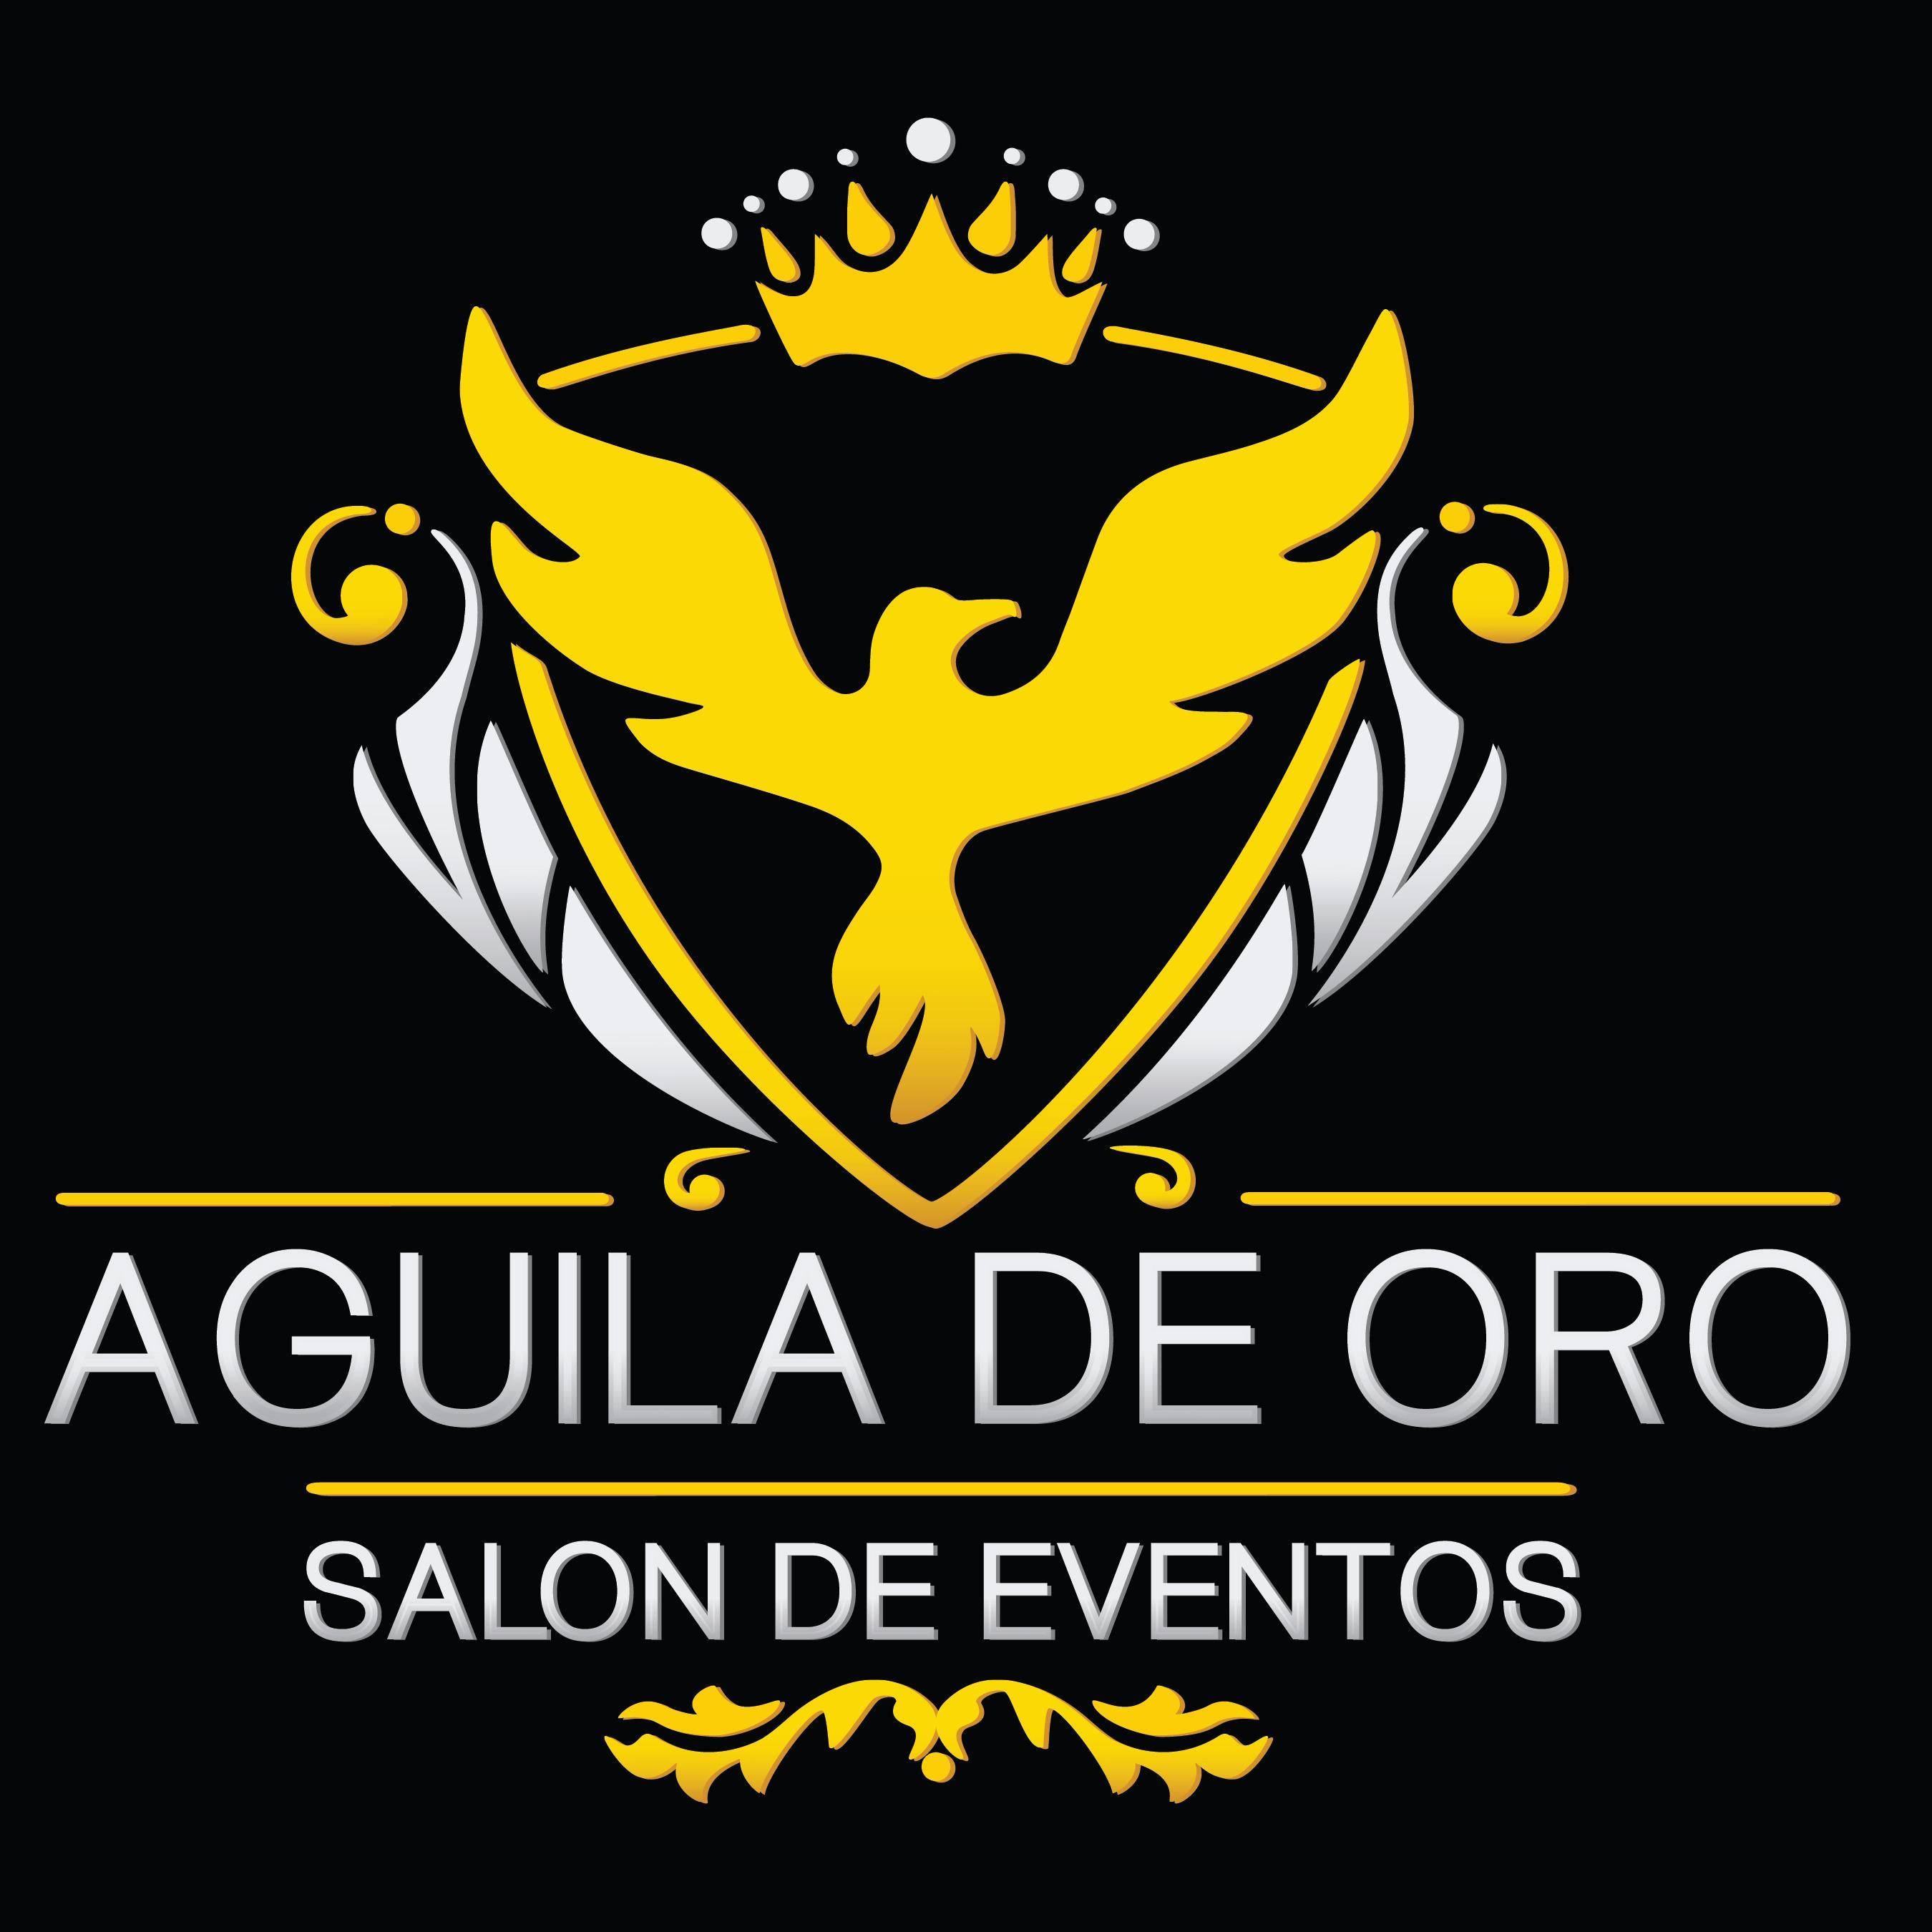 Aguila De Oro Salon